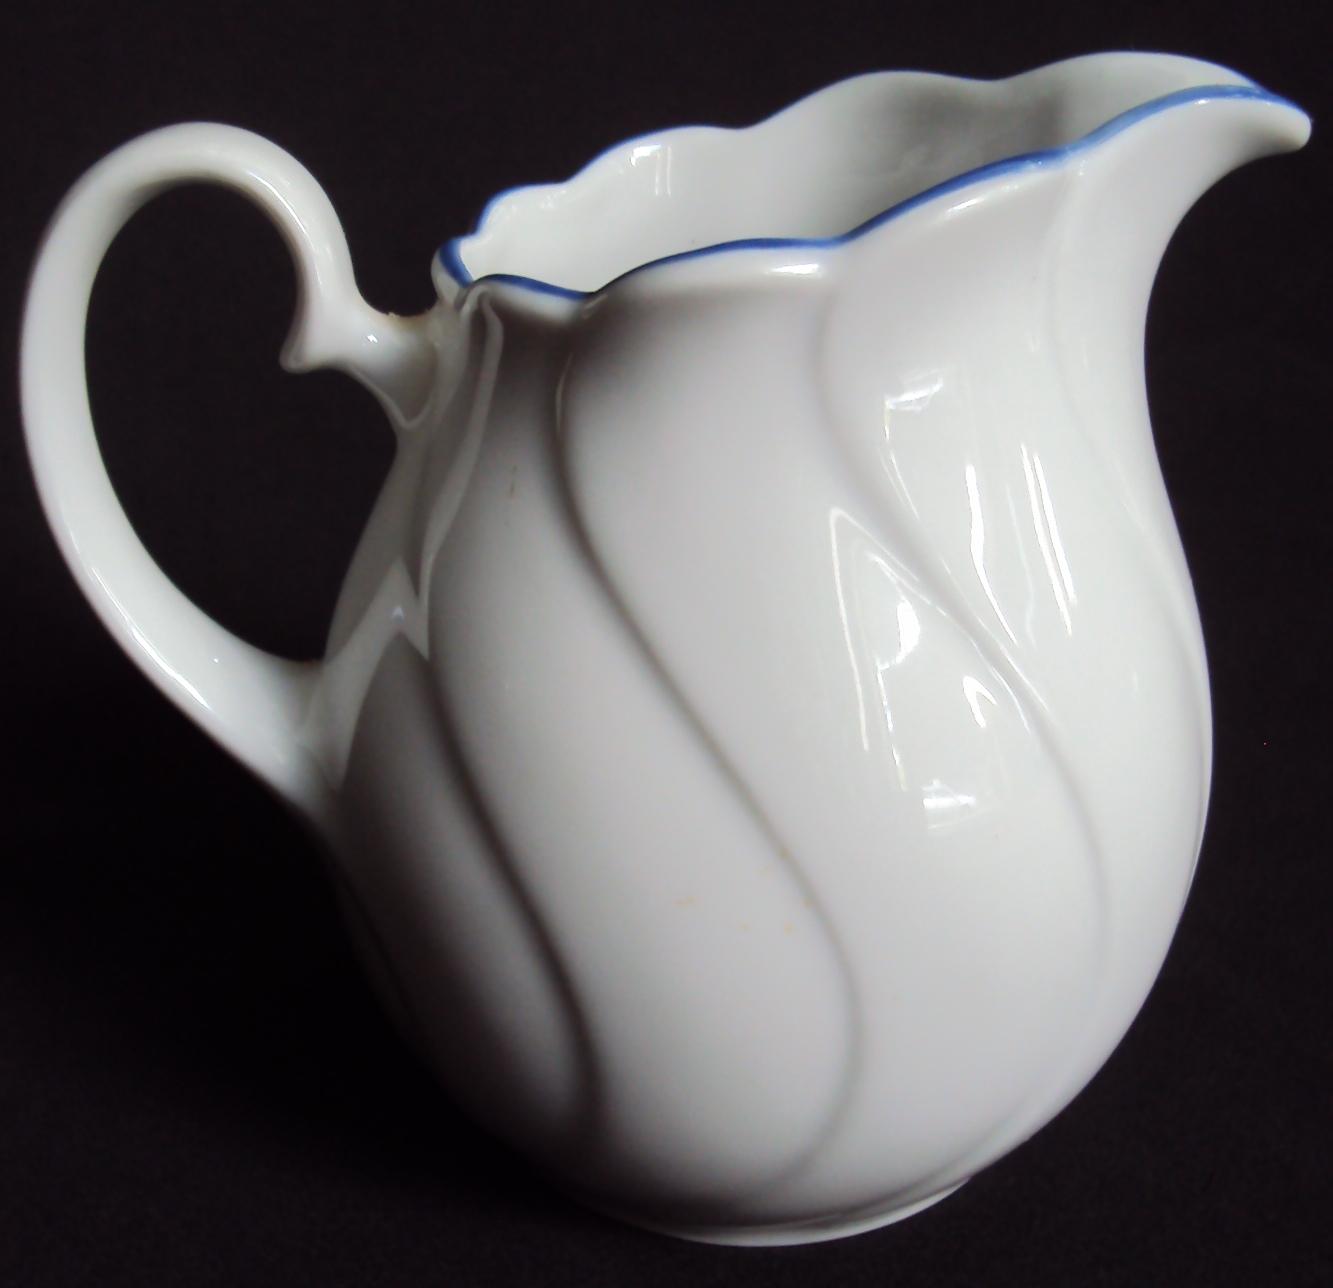 LO 366 – Leiteira antiga de porcelana alemã Seltmann Weiden Bavária com linhas curvas e borda azul